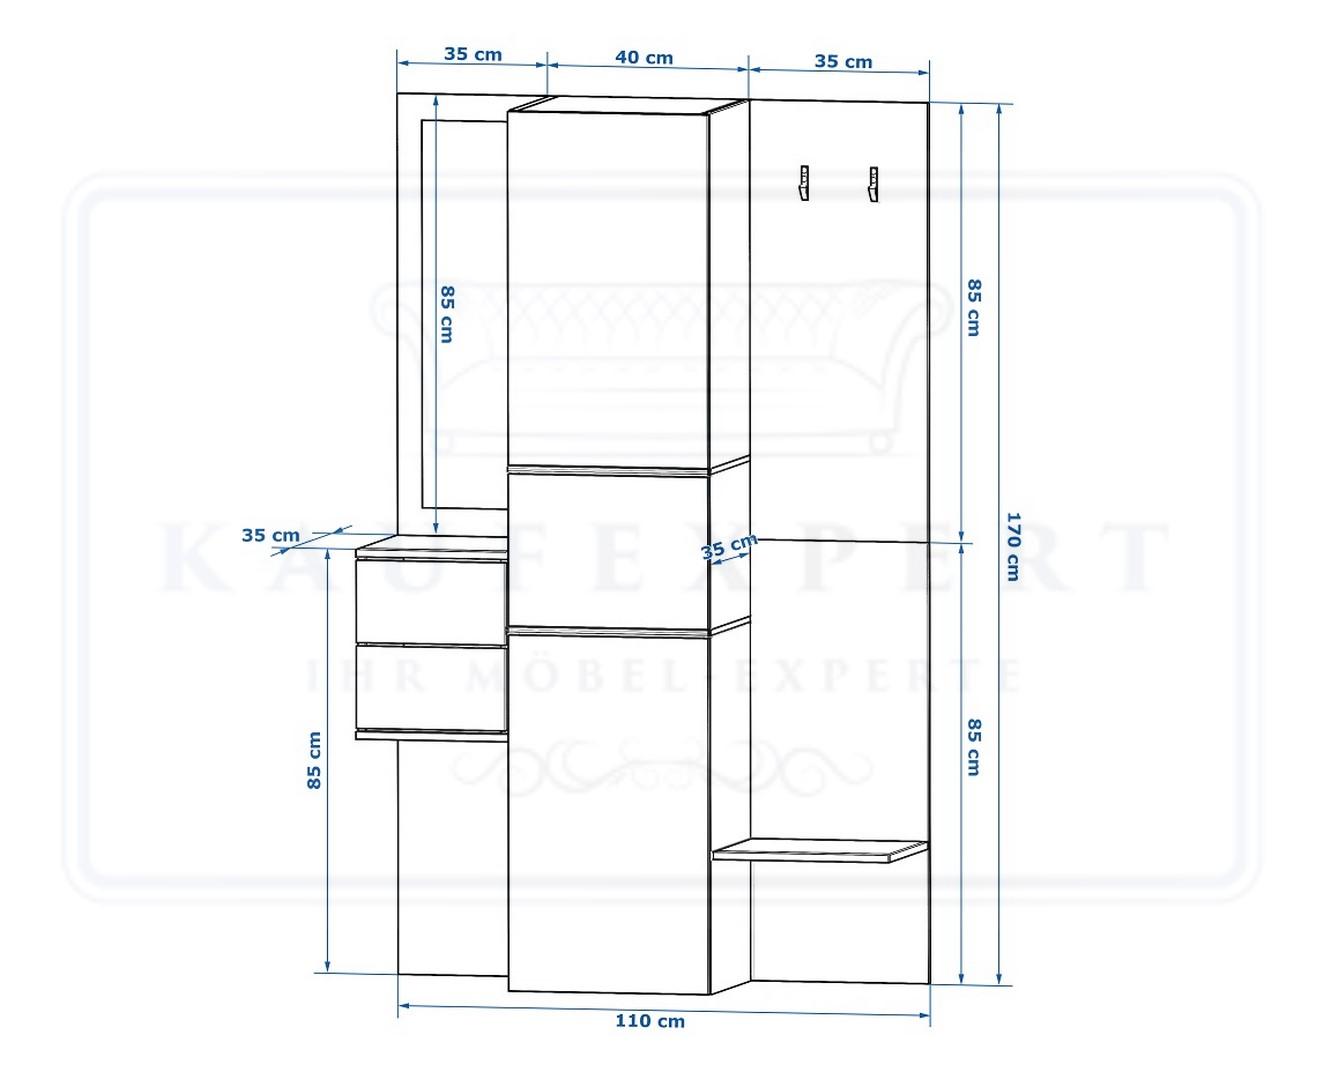 kaufexpert garderobe camino grau hochglanz schwarz mit spiegel led beleuchtung garderoben set. Black Bedroom Furniture Sets. Home Design Ideas